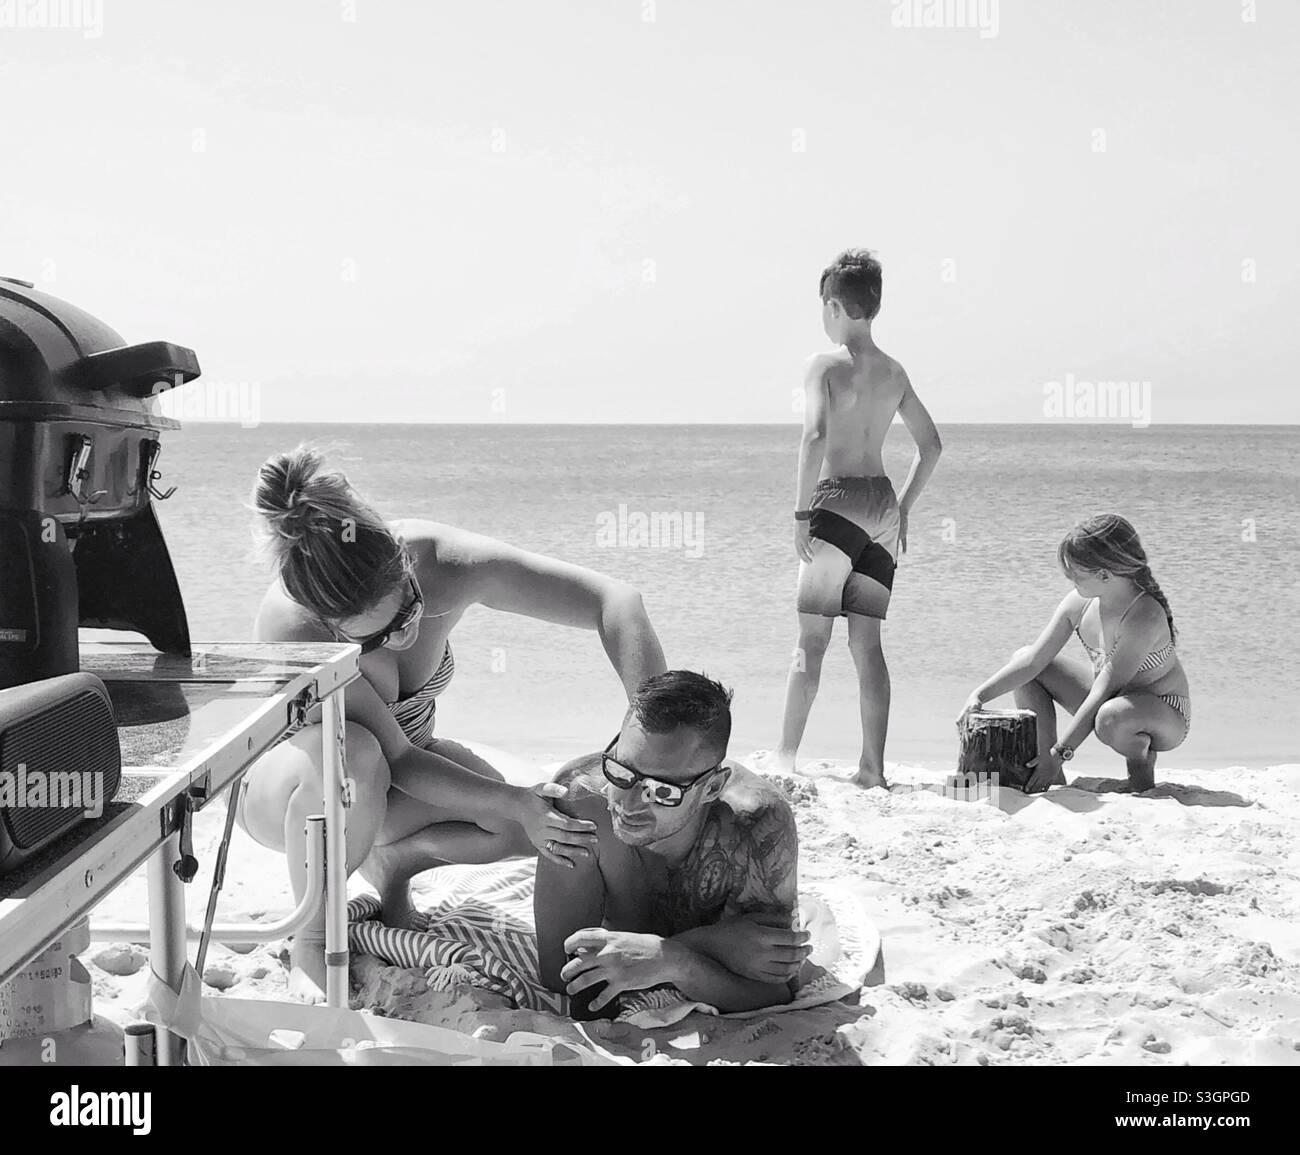 Das Leben ist ein australischer Lebensstil am Strand Stockfoto